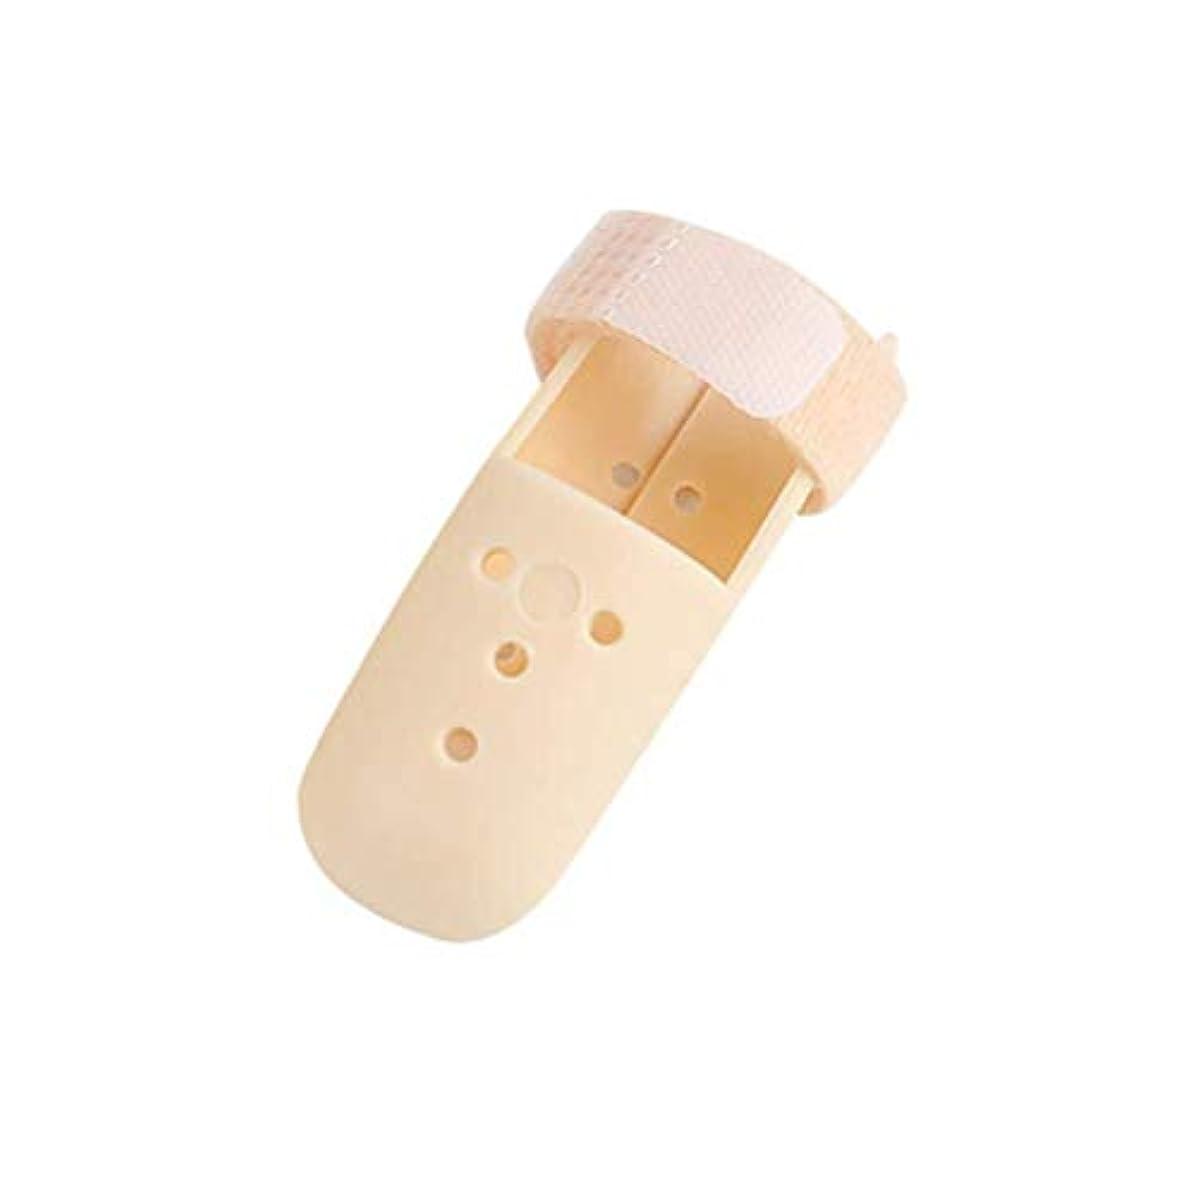 考える財政レーダー指のけがのためのトリガーのための指の添え木、壊れた関節炎の指ブレース矯正指サポートプロテクター